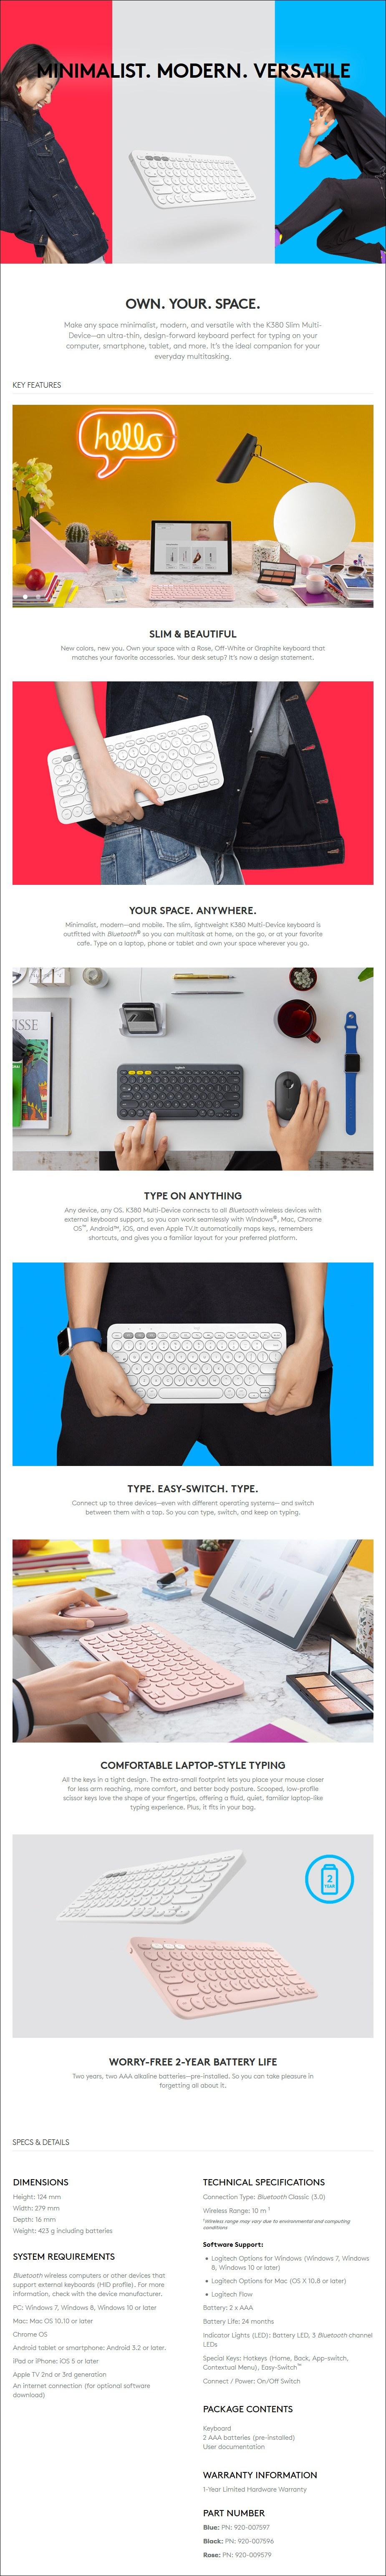 logitech-k380-multidevice-wireless-bluetooth-keyboard-rose-ac32398-4.jpg